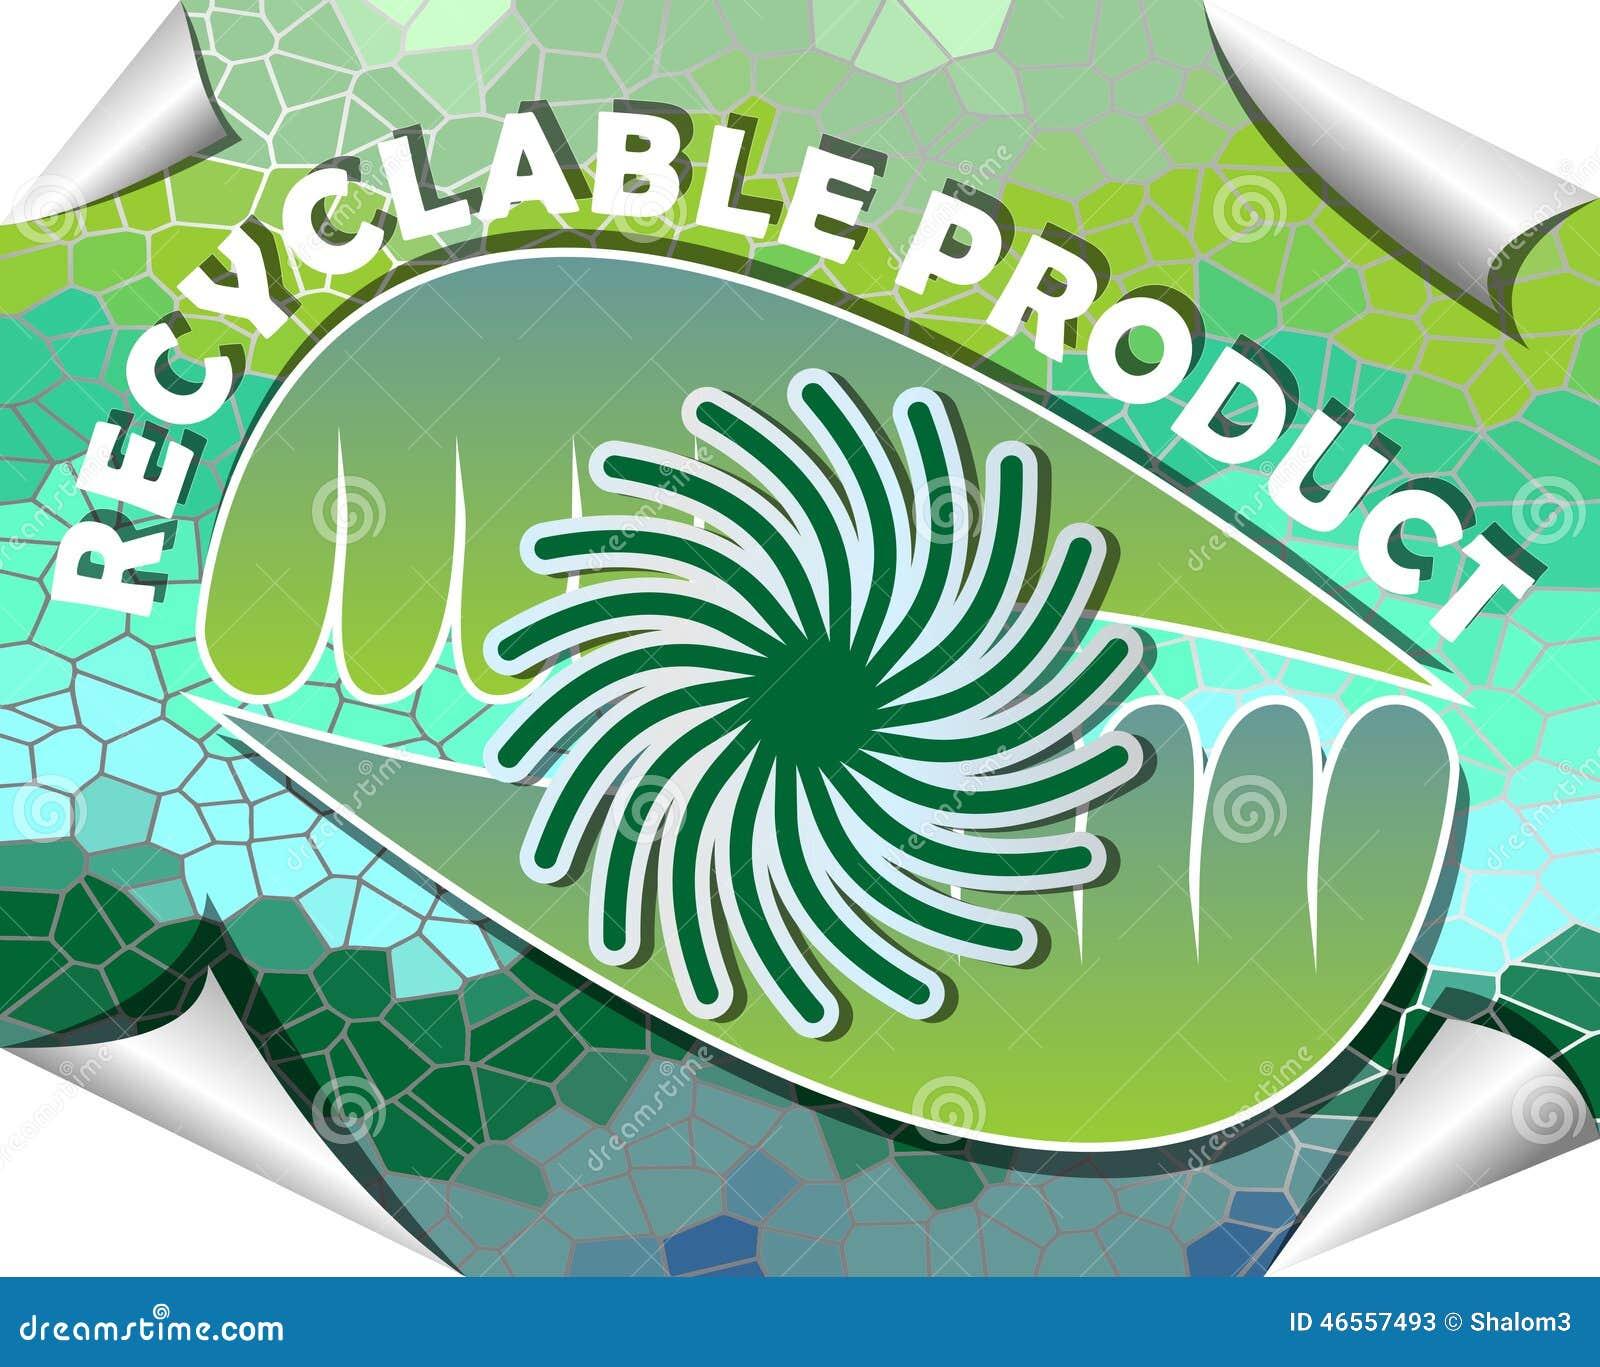 Etiket voor rekupereerbaar product in groen en blauw mozaïekontwerp